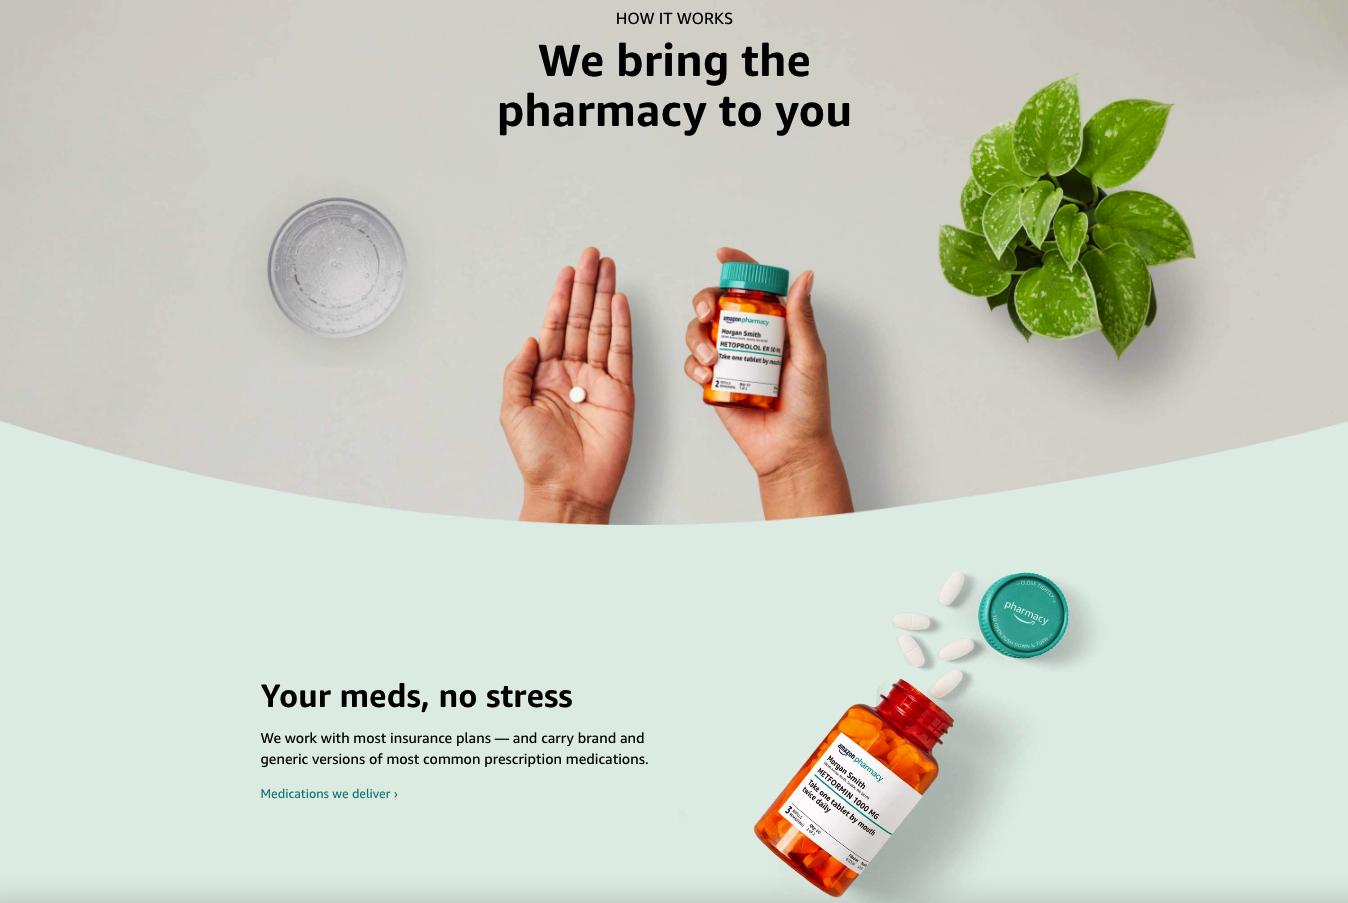 '아마존 약국' 미국 서비스 시작...온라인으로 처방전 보내고 약은 택배로 받는다